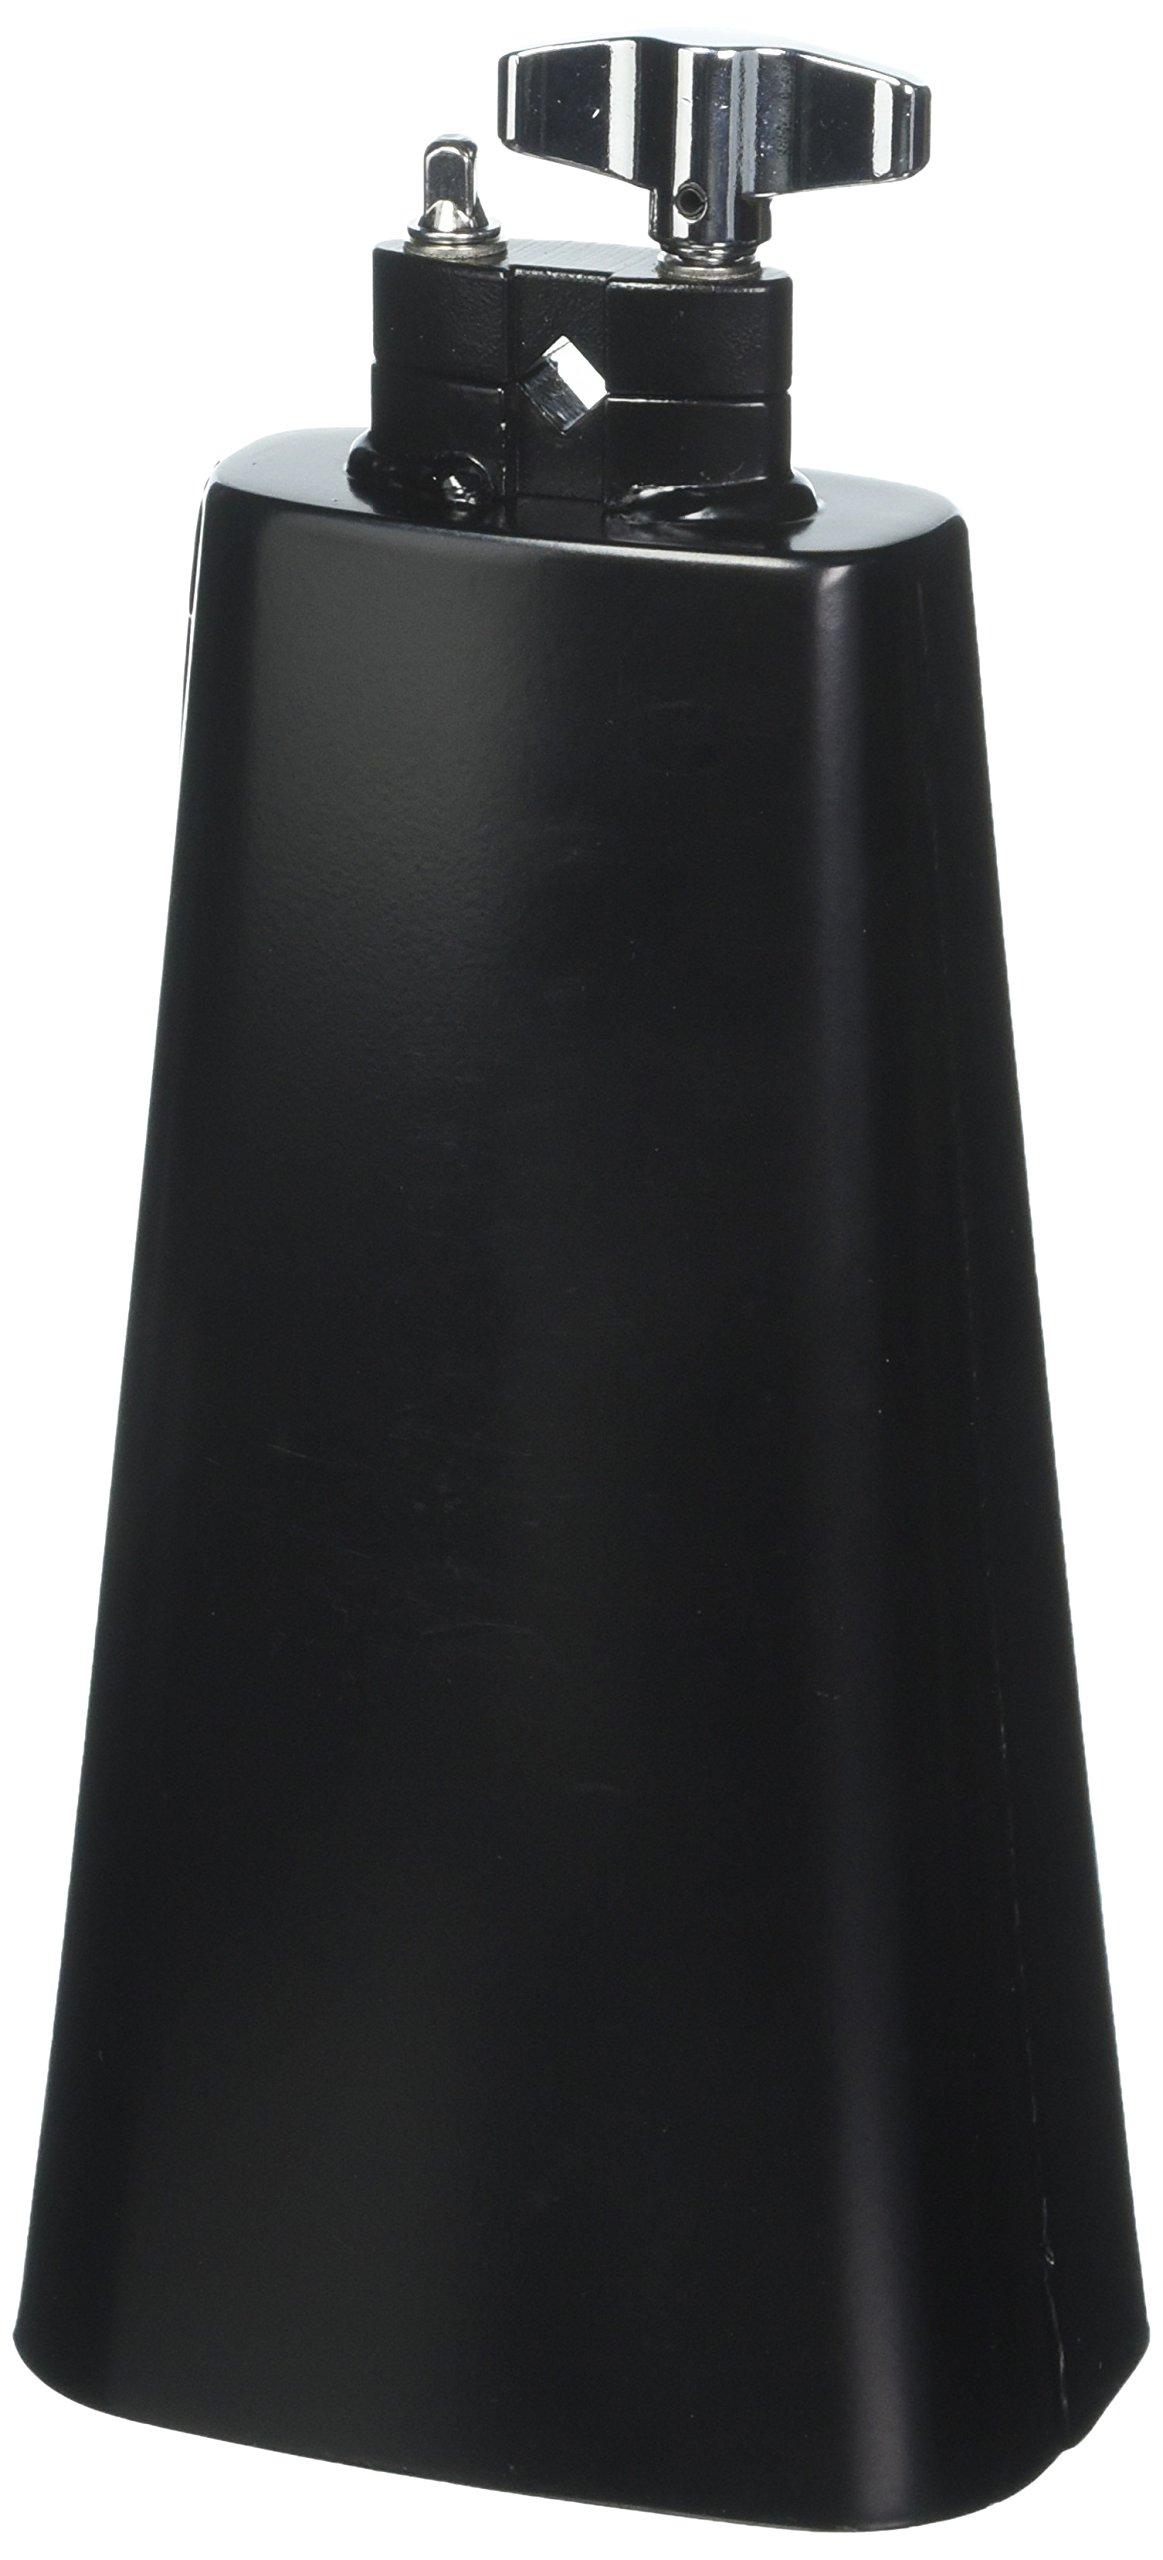 Gon Bops Handbells (B084) by Gon Bops